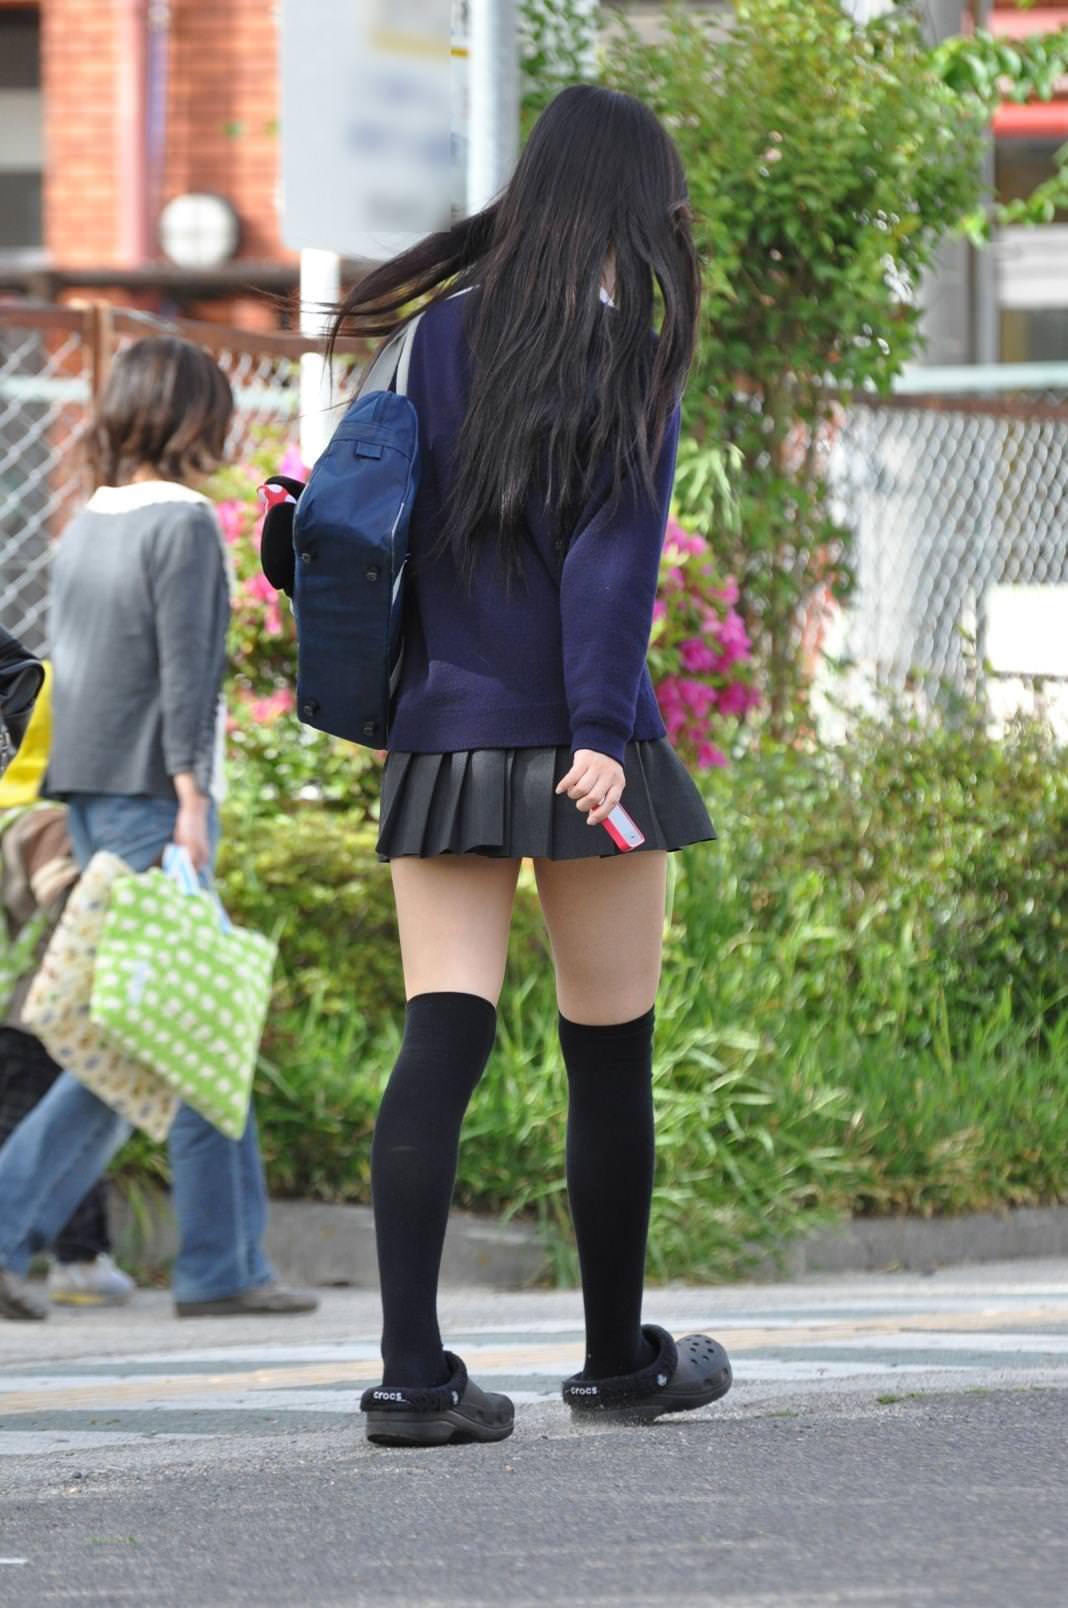 女子高生ナマ足盗撮街撮り素人エロ画像 2610